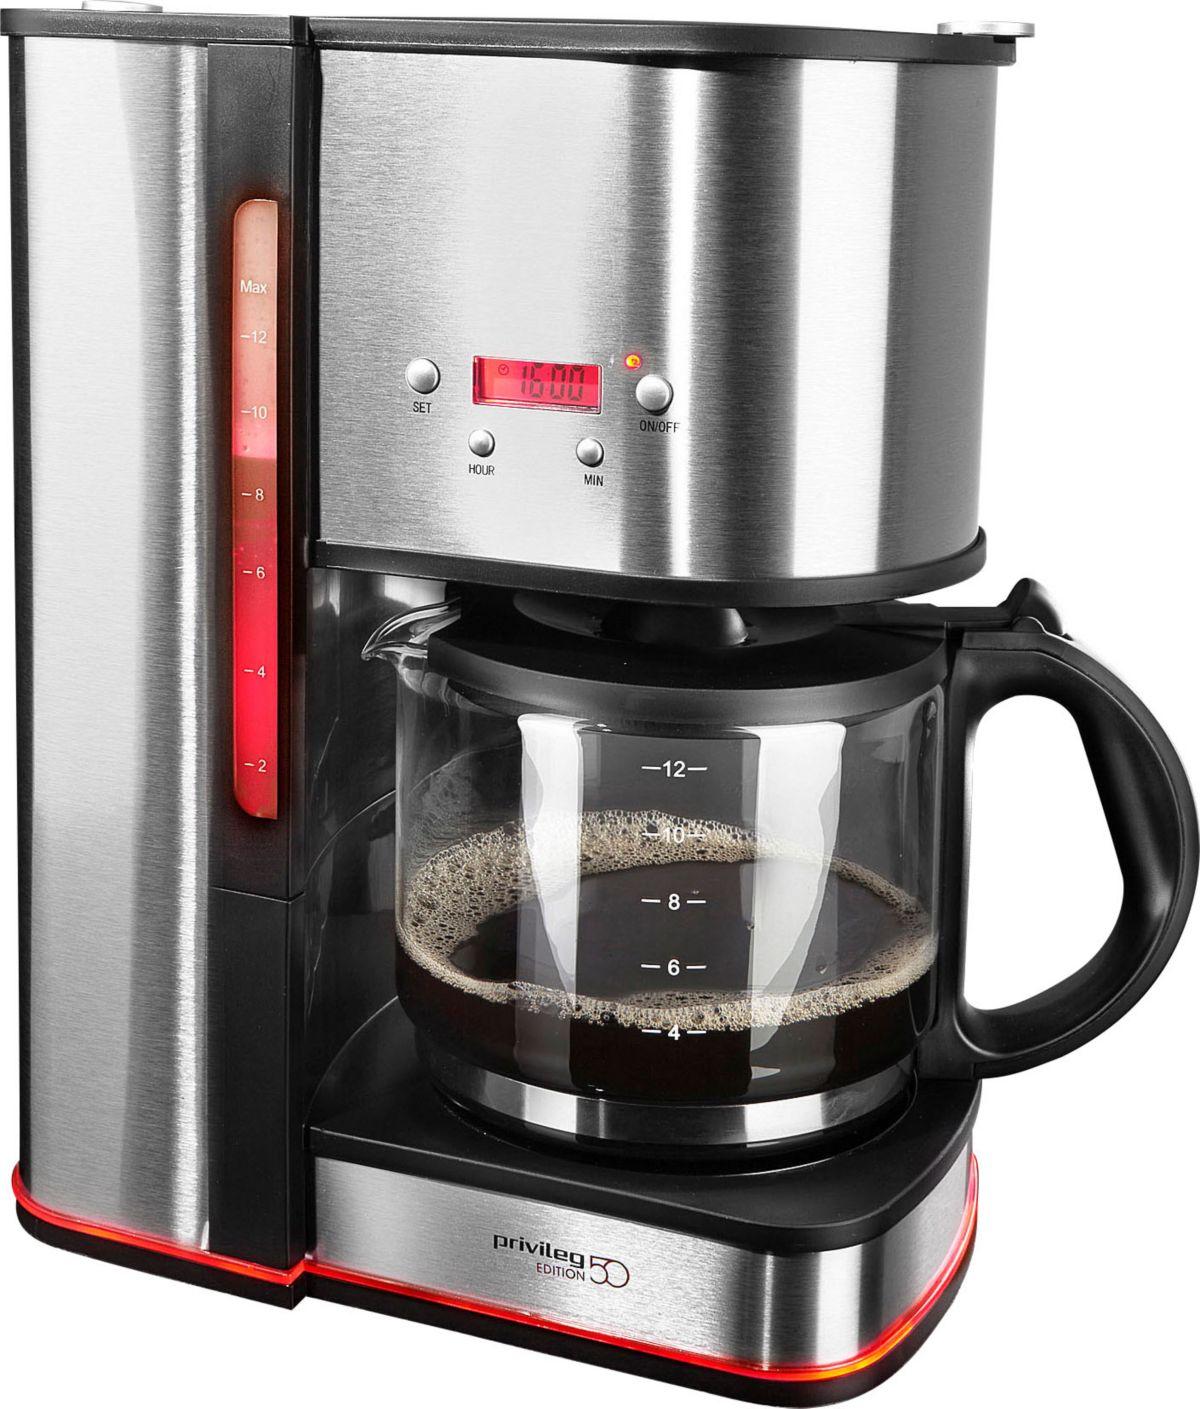 haushalt kleinelektro kaffee espresso kaffeemaschinen z b. Black Bedroom Furniture Sets. Home Design Ideas